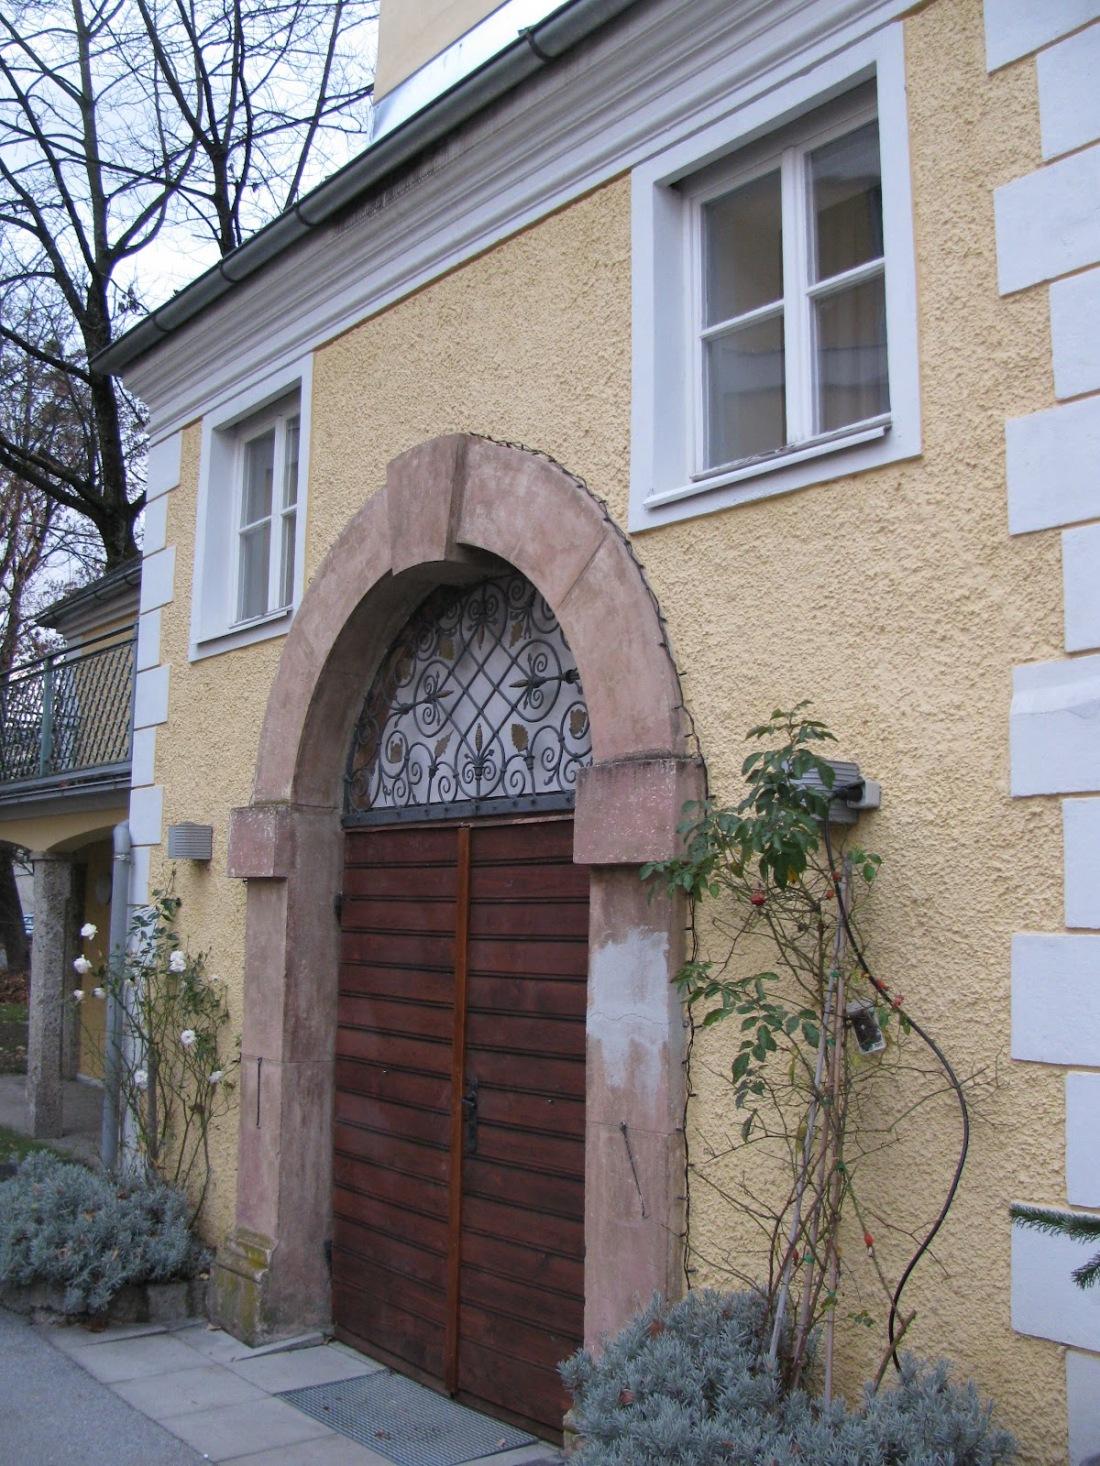 Part 7 - Munich to Salzburg Nov 29, 2011